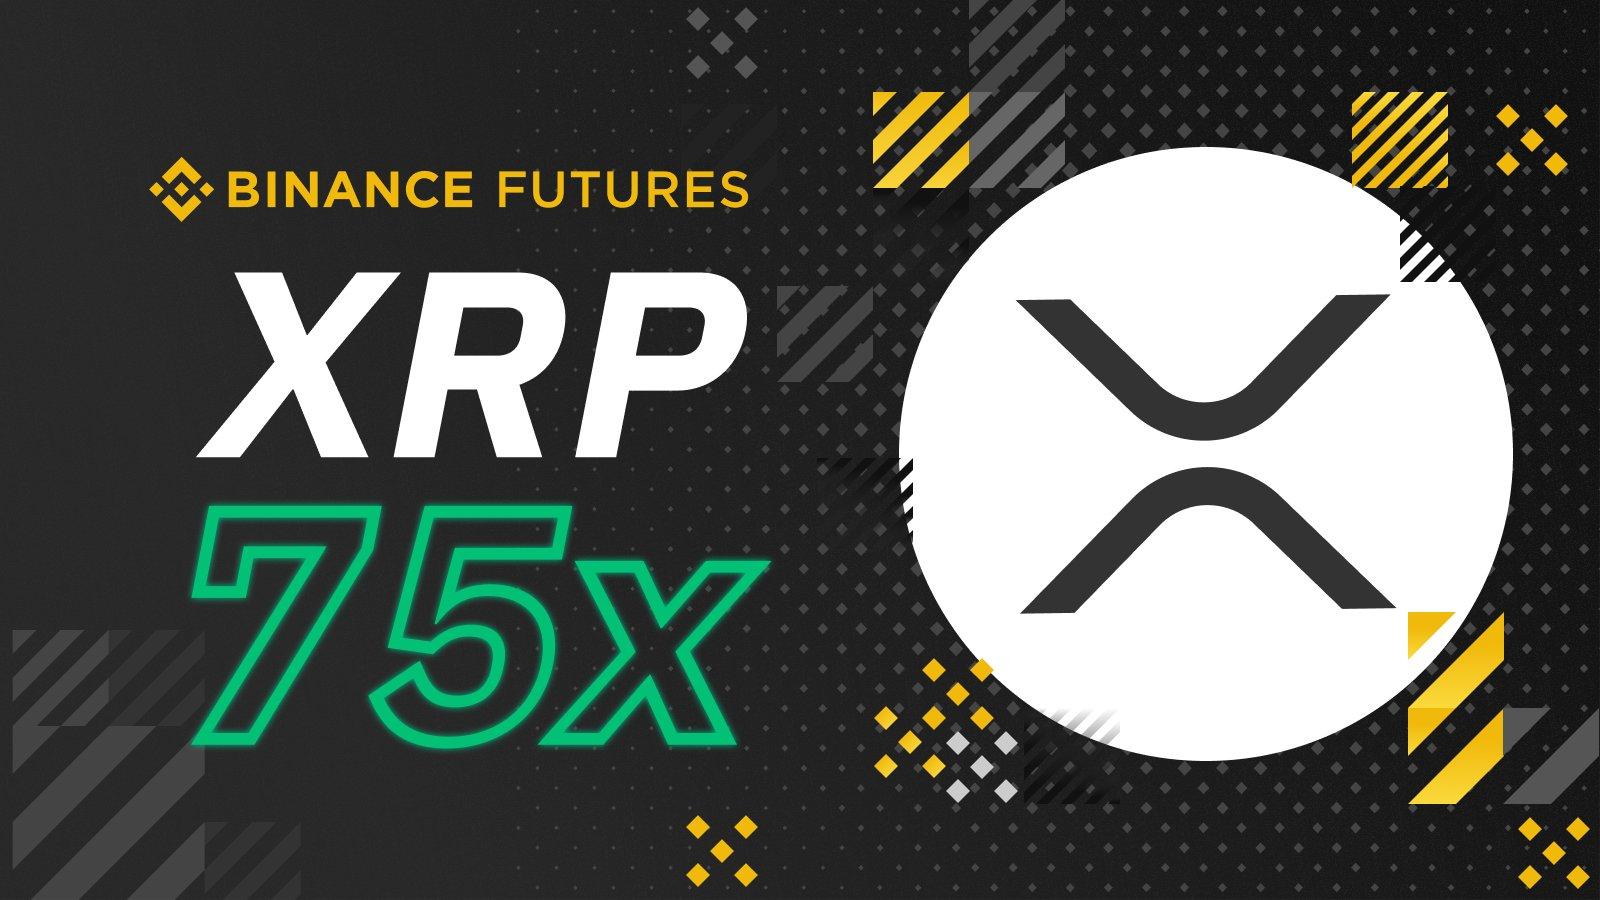 Après Ethereum Futures, Binance lance les Ripple XRP Futures XRP USDT